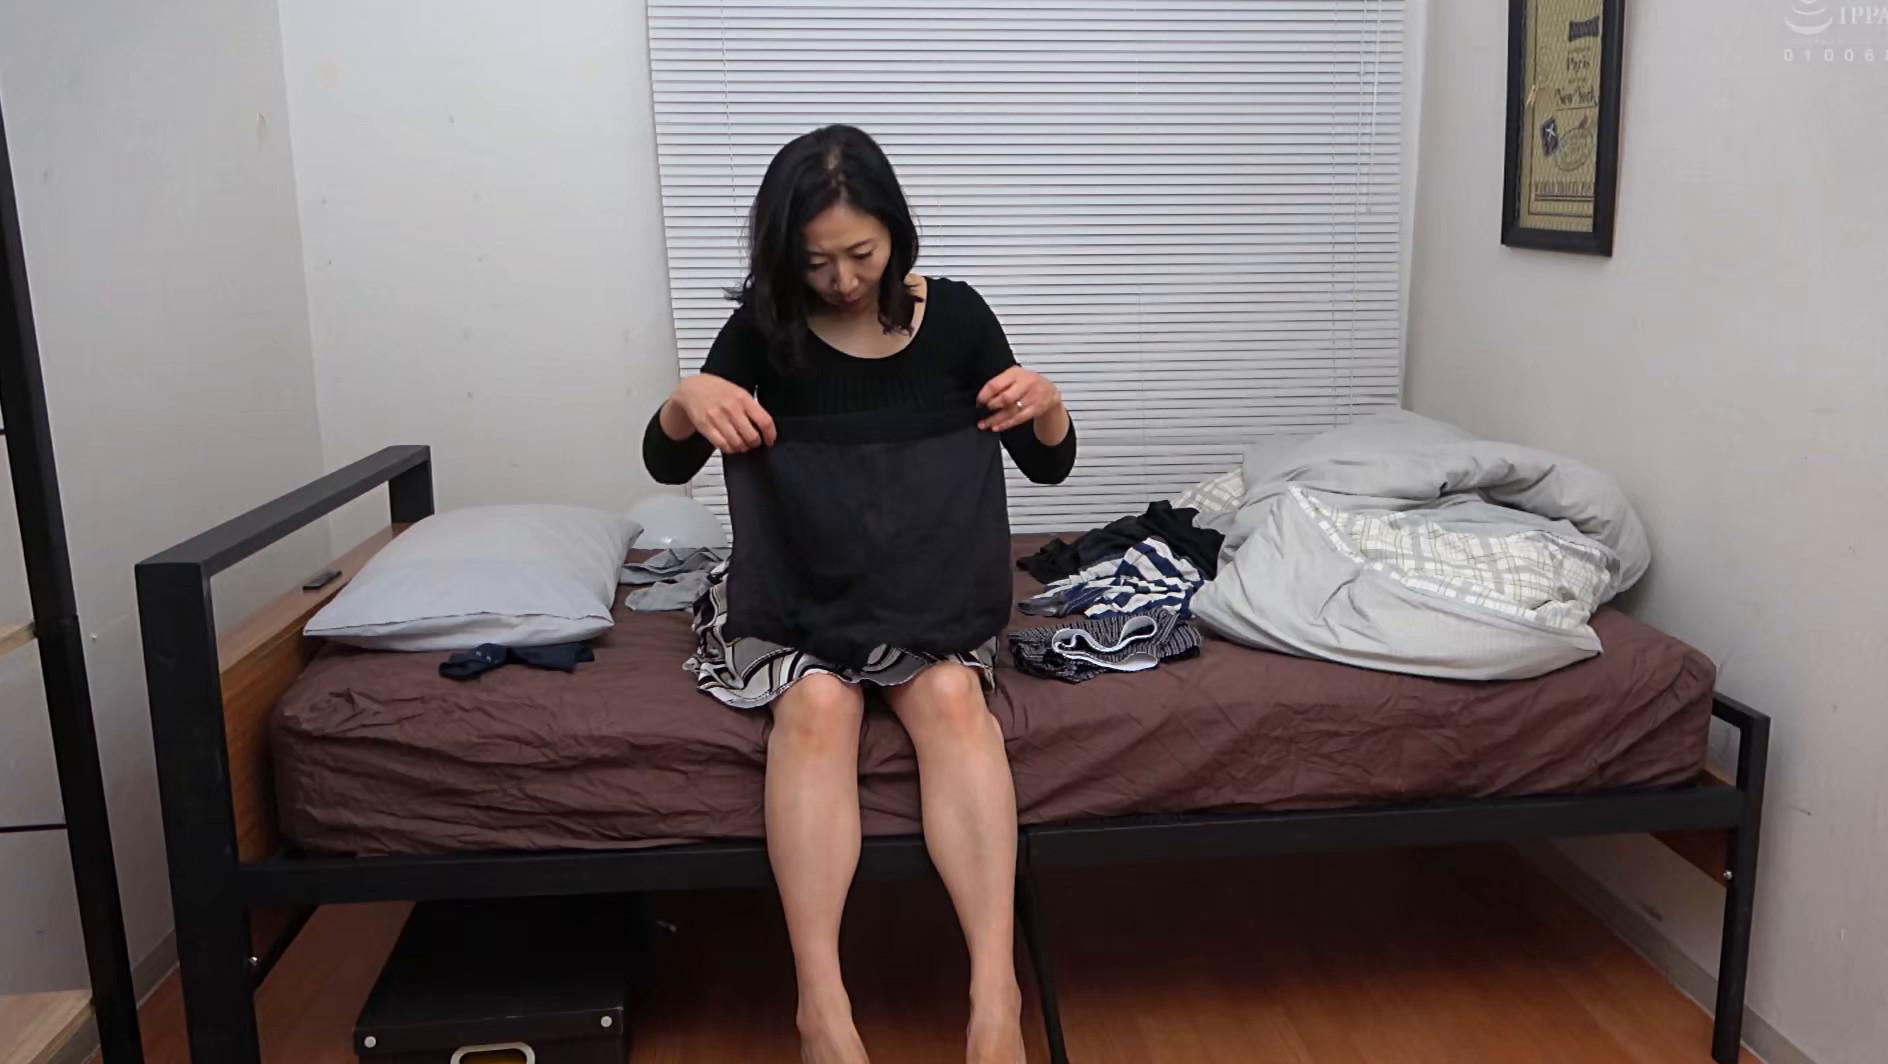 息子の部屋でエロ本を見つけてオナニーする母 画像12